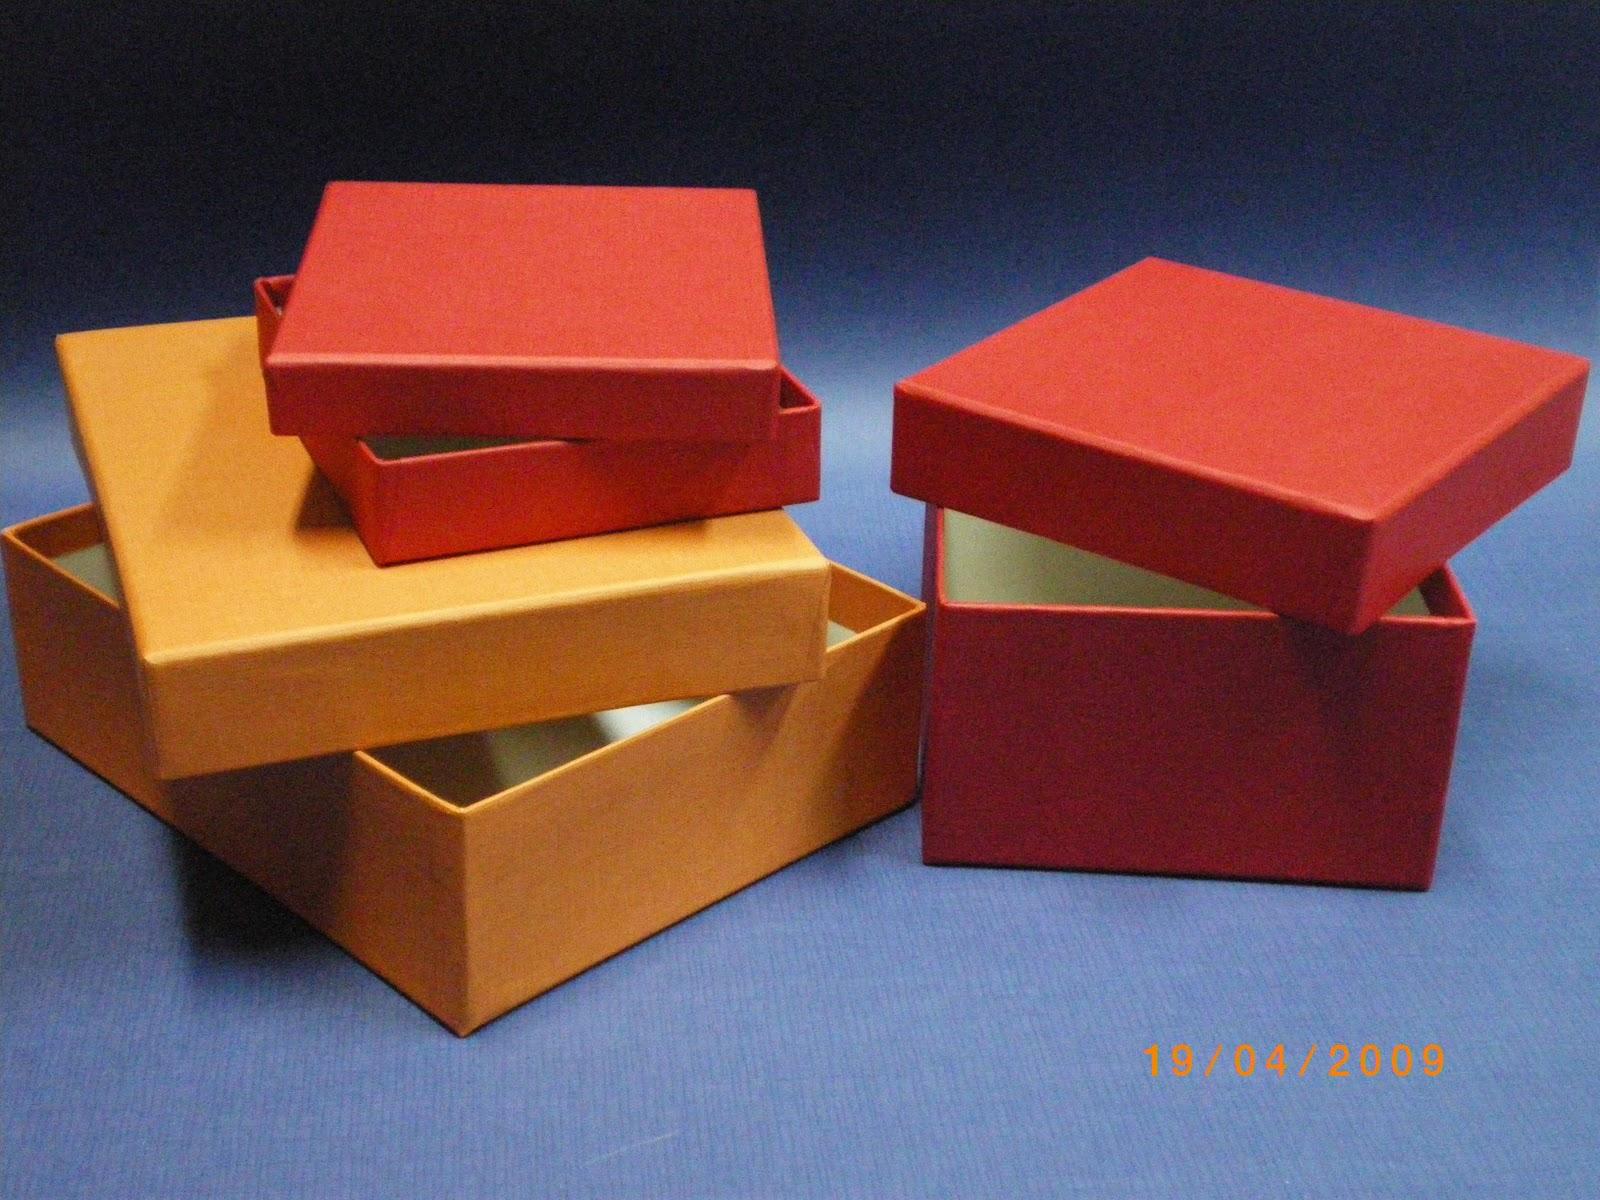 Cajas de cart n a medida cajas de regalo de tienda for Cajas de regalo de carton